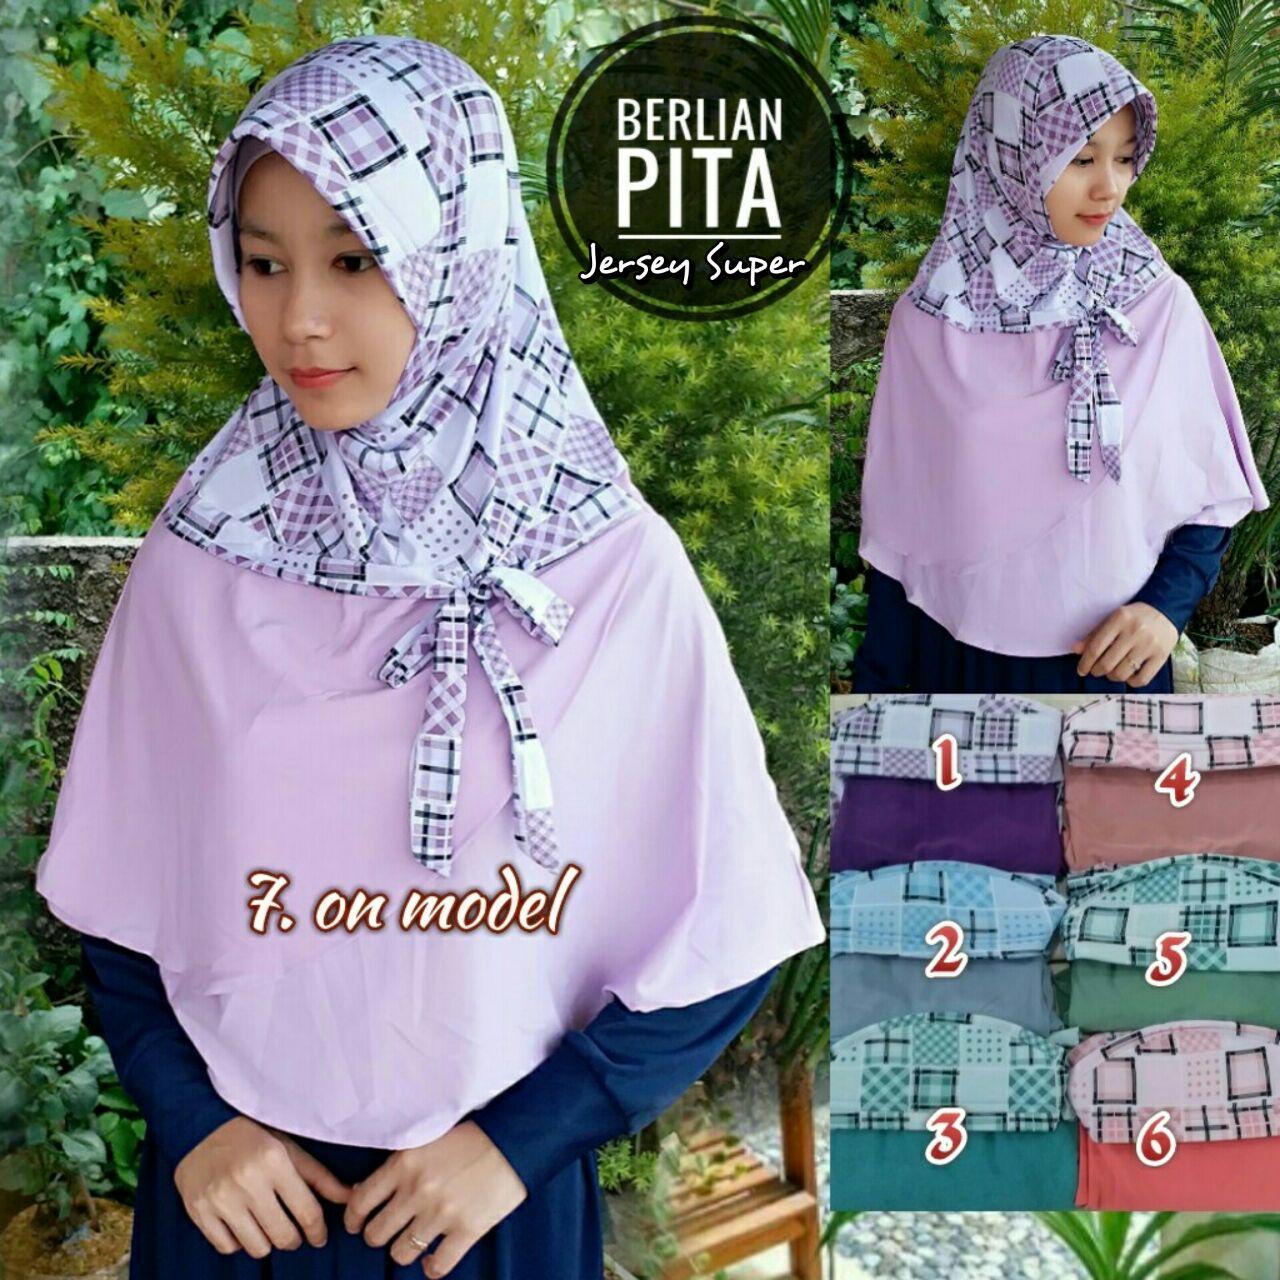 Berlian Pita 35 38 45 640 SG Jilbab